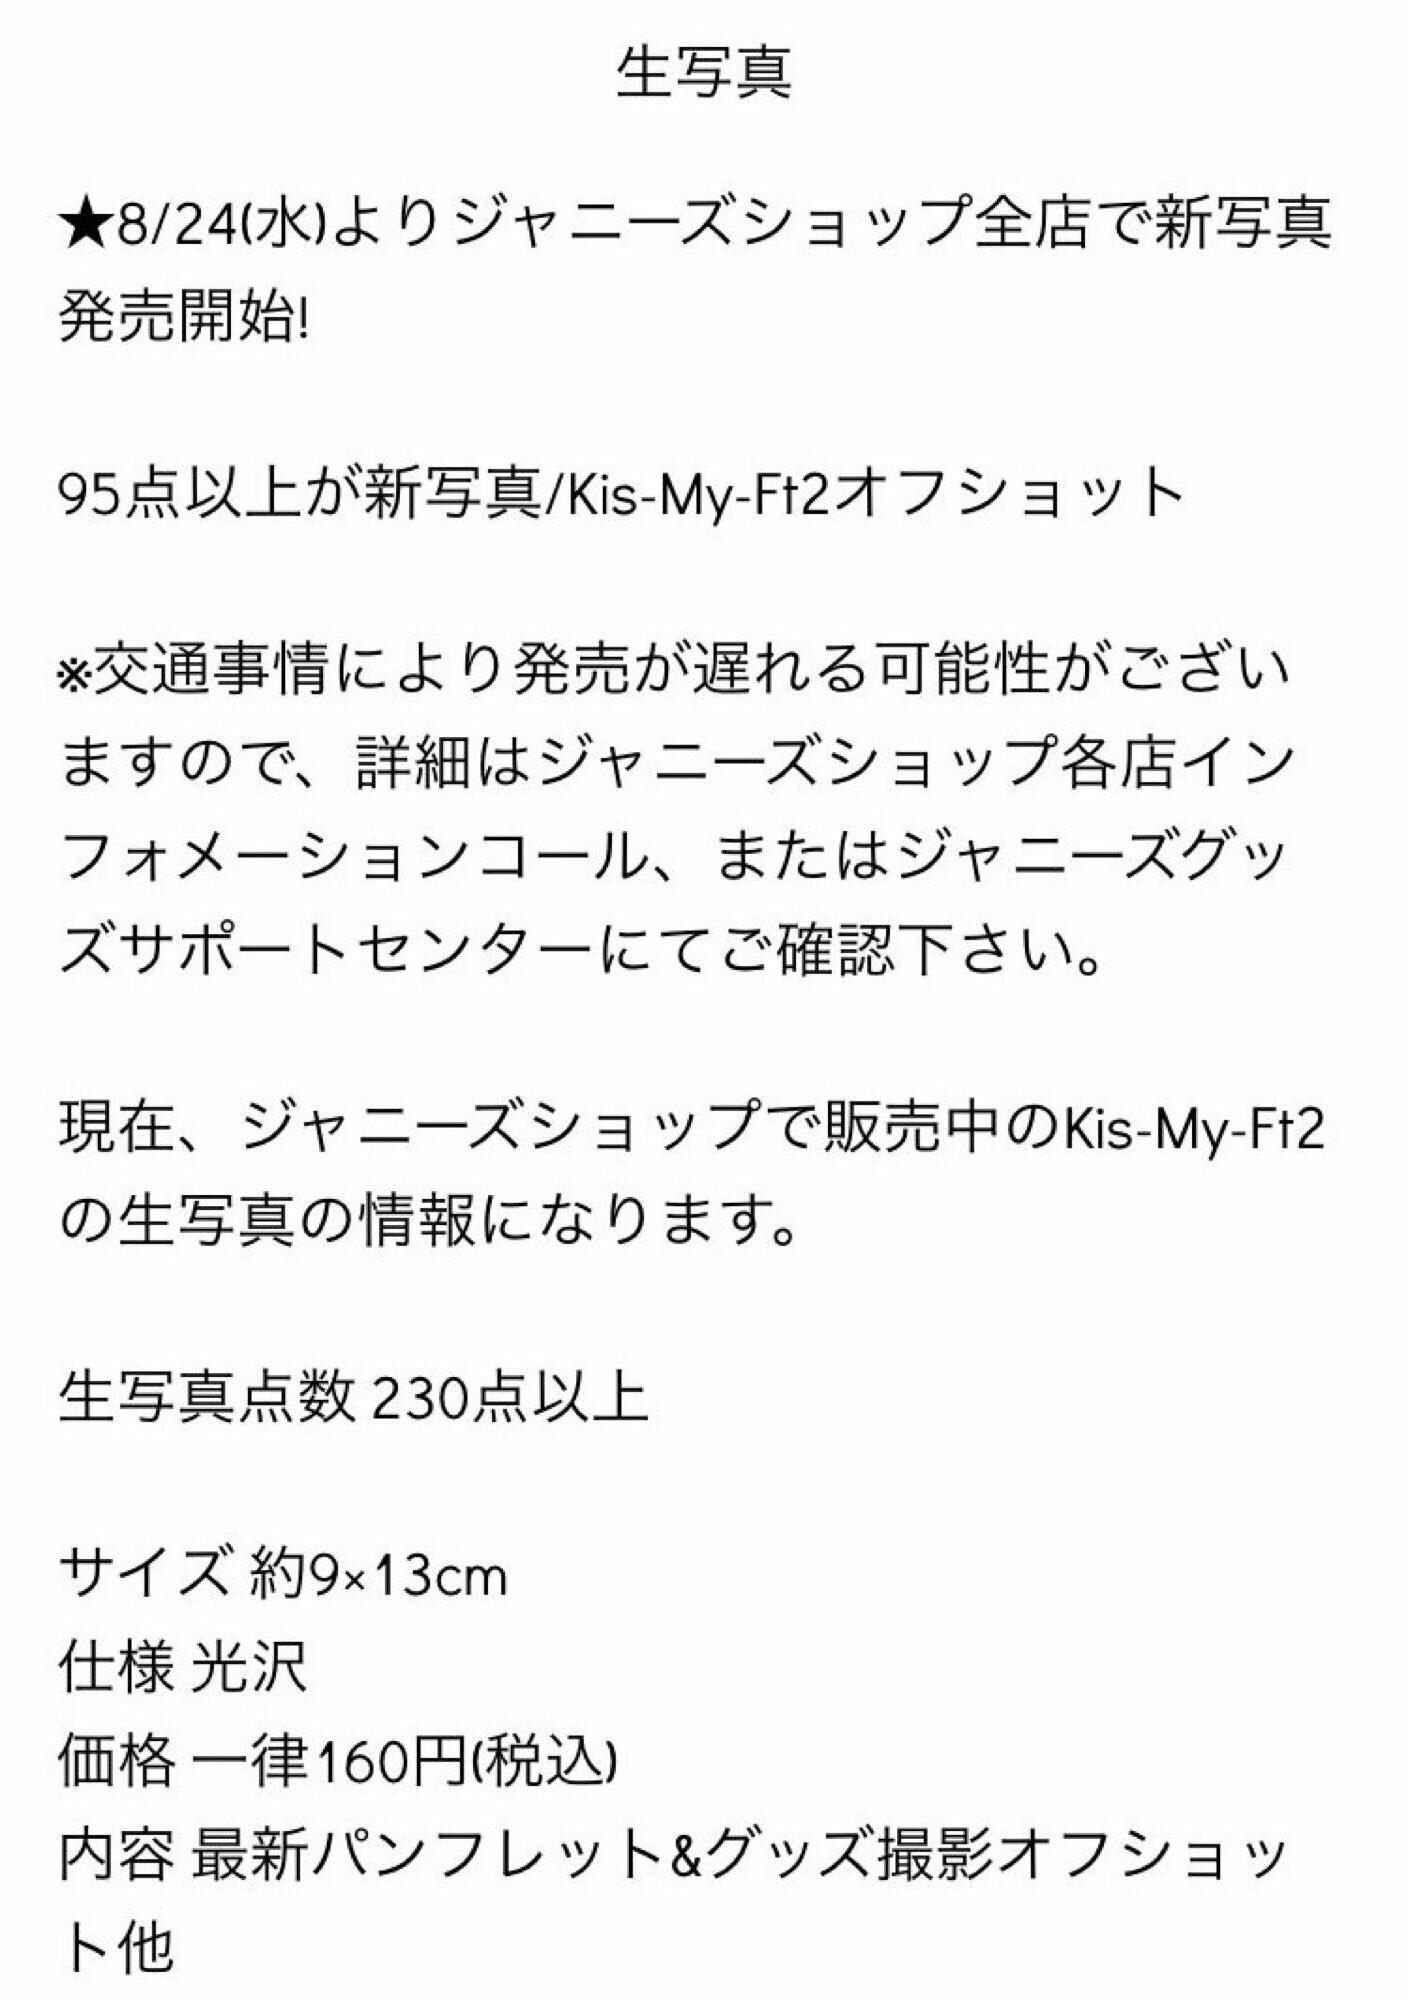 f:id:fujikita_misaki:20160823084342j:image